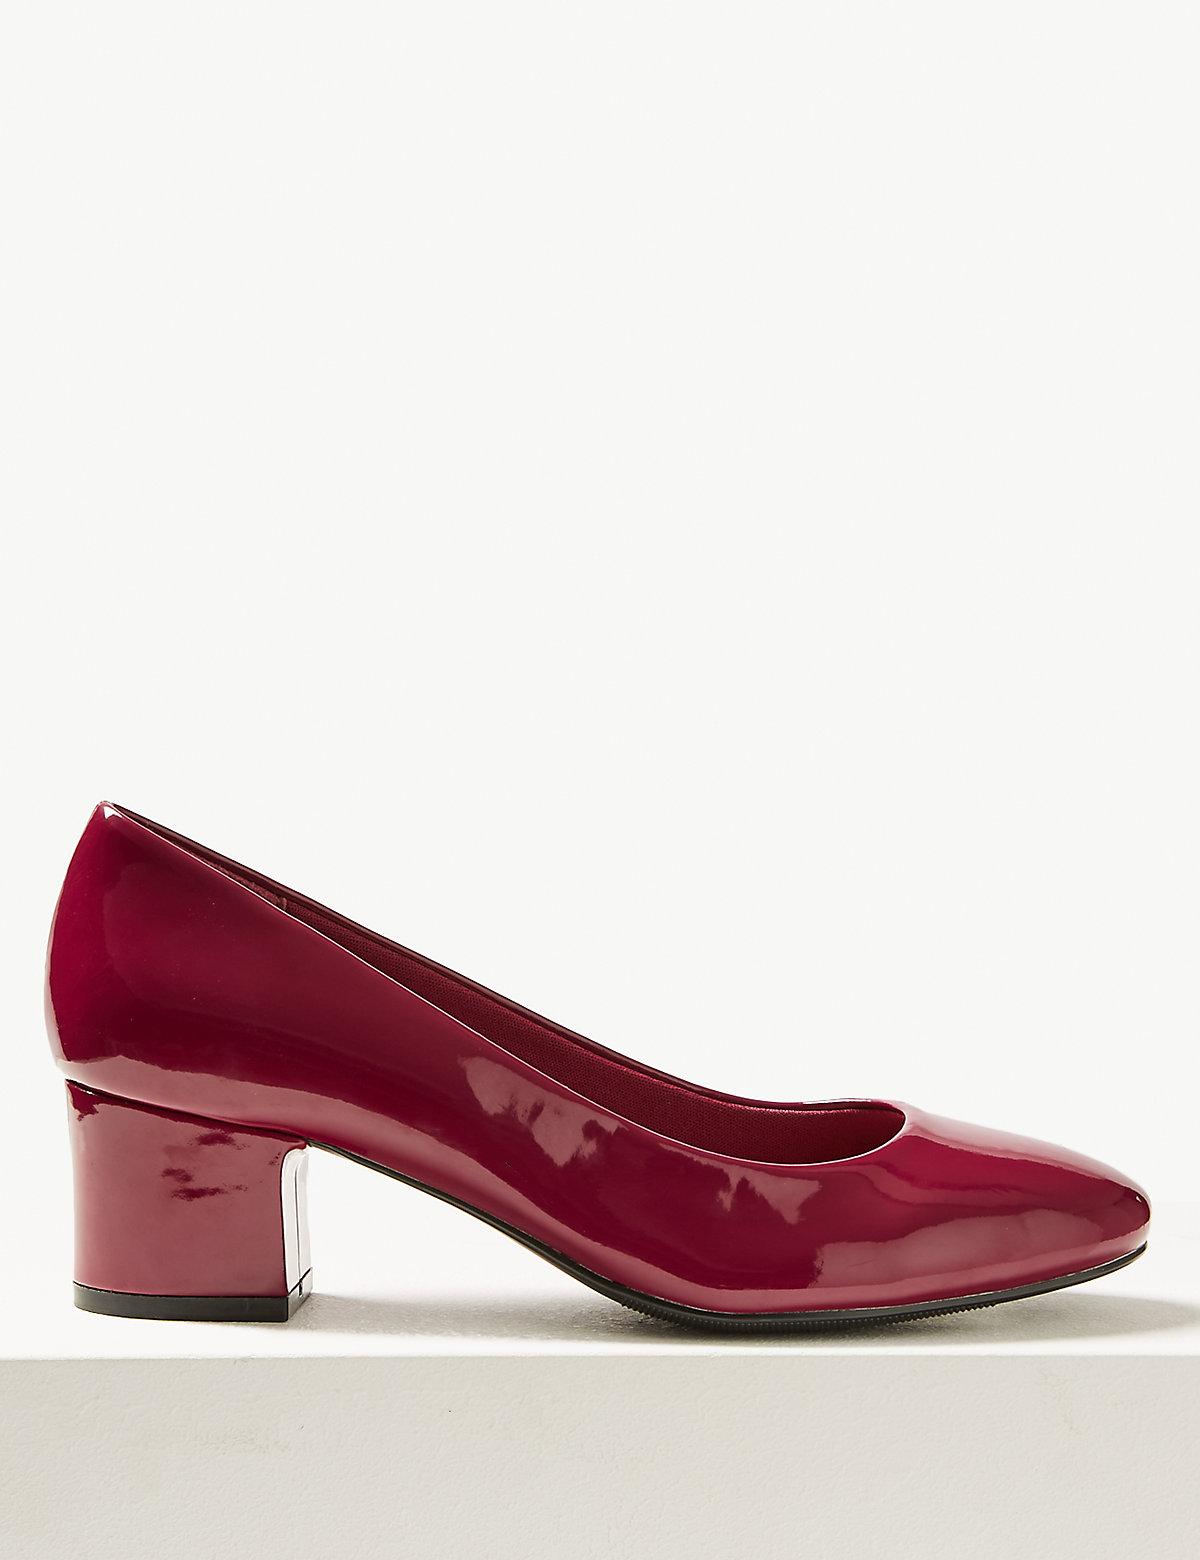 Туфли лакированные на блочном каблуке, вишневые и бежевые